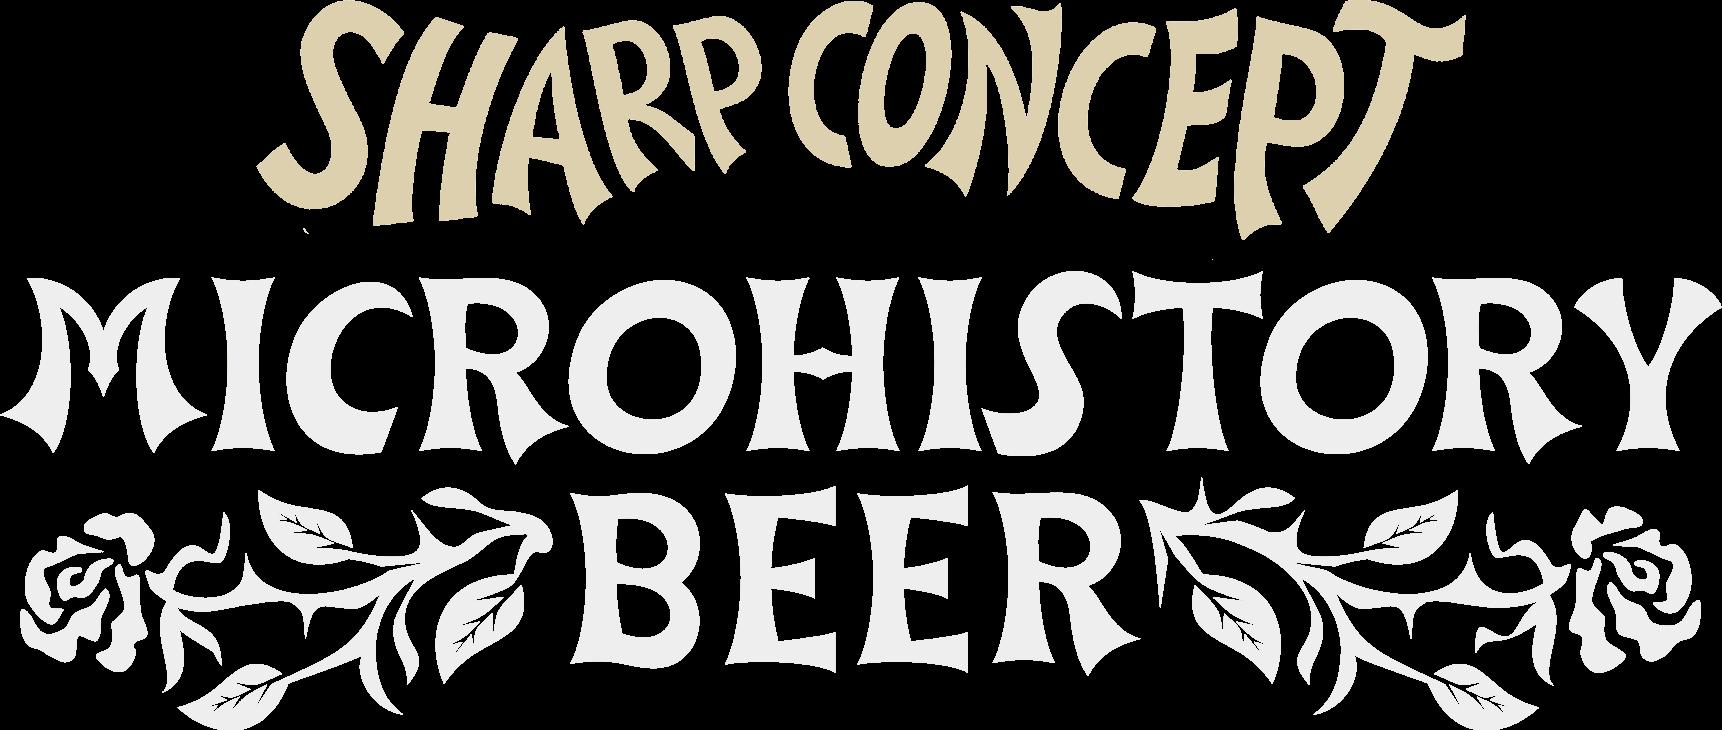 sharp-concept-logo-microhistorybeer.com